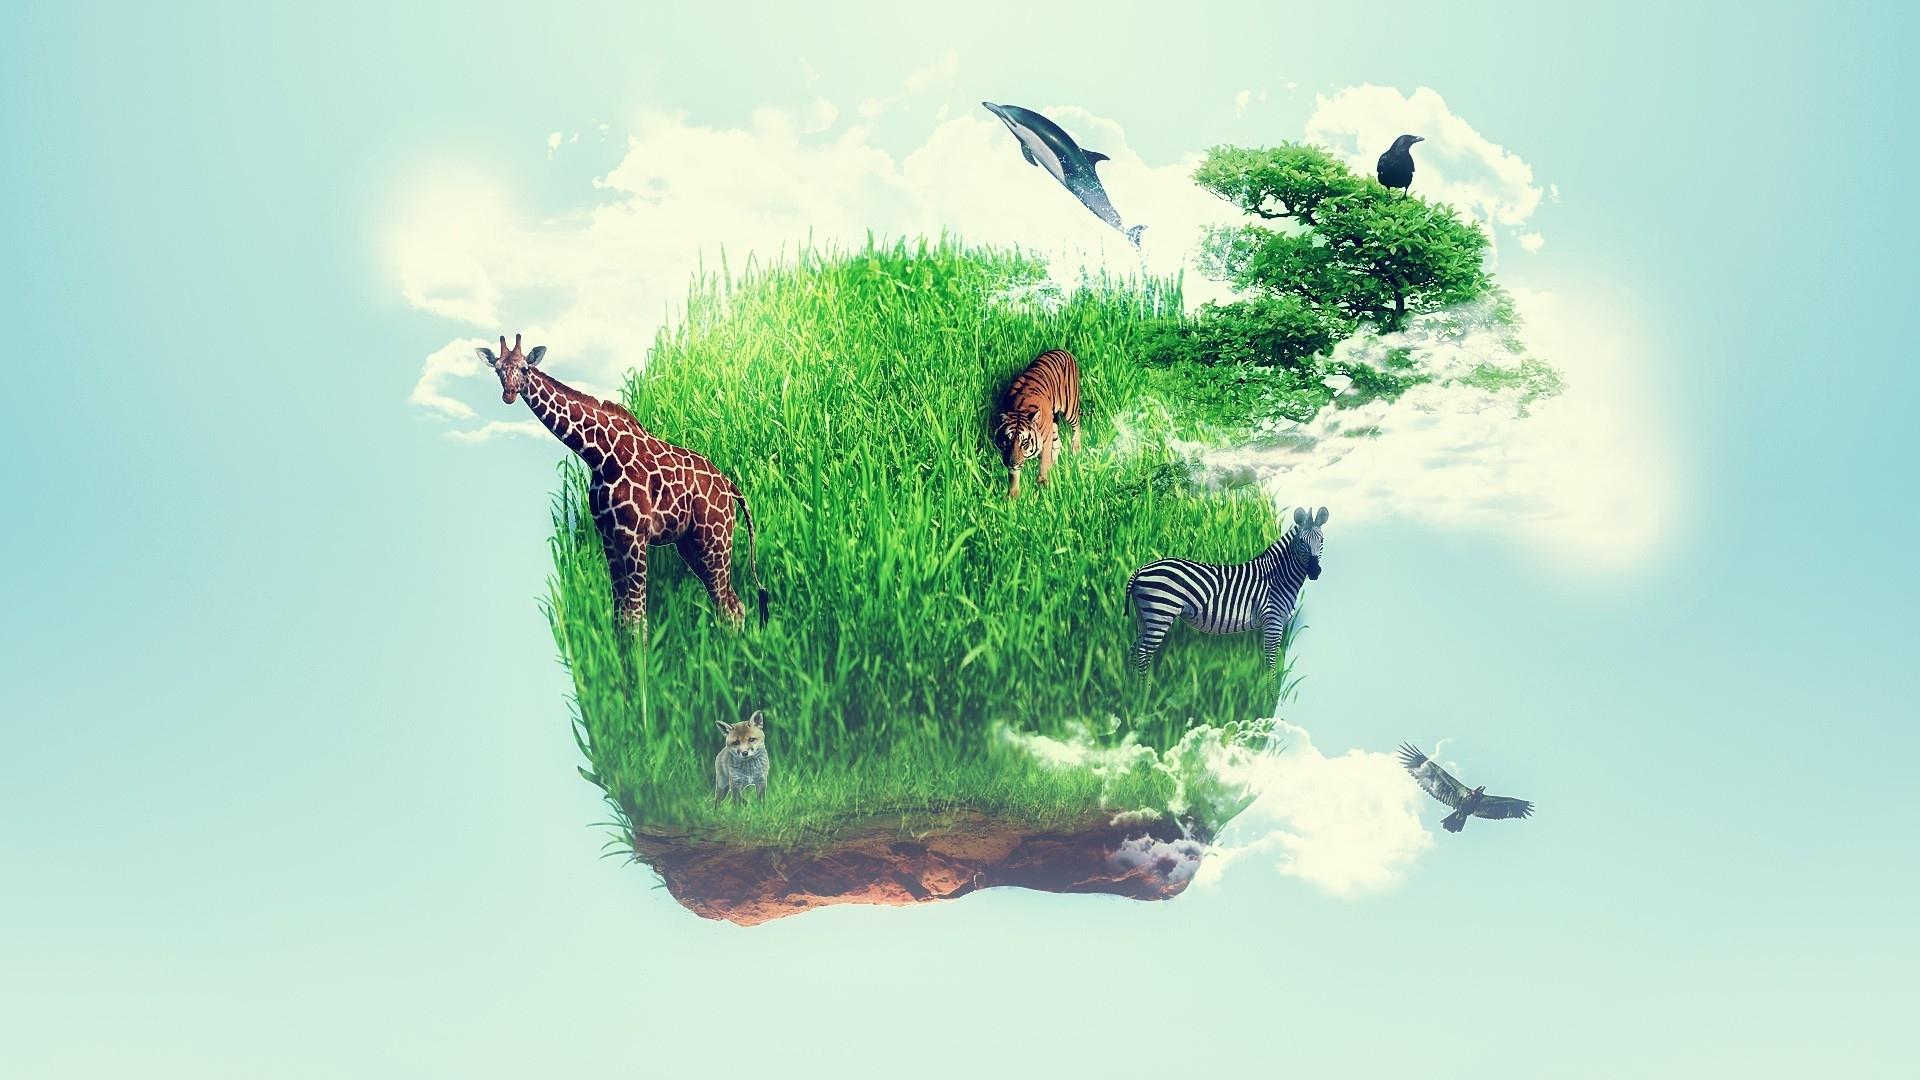 том, картинки где планета защищает животных что